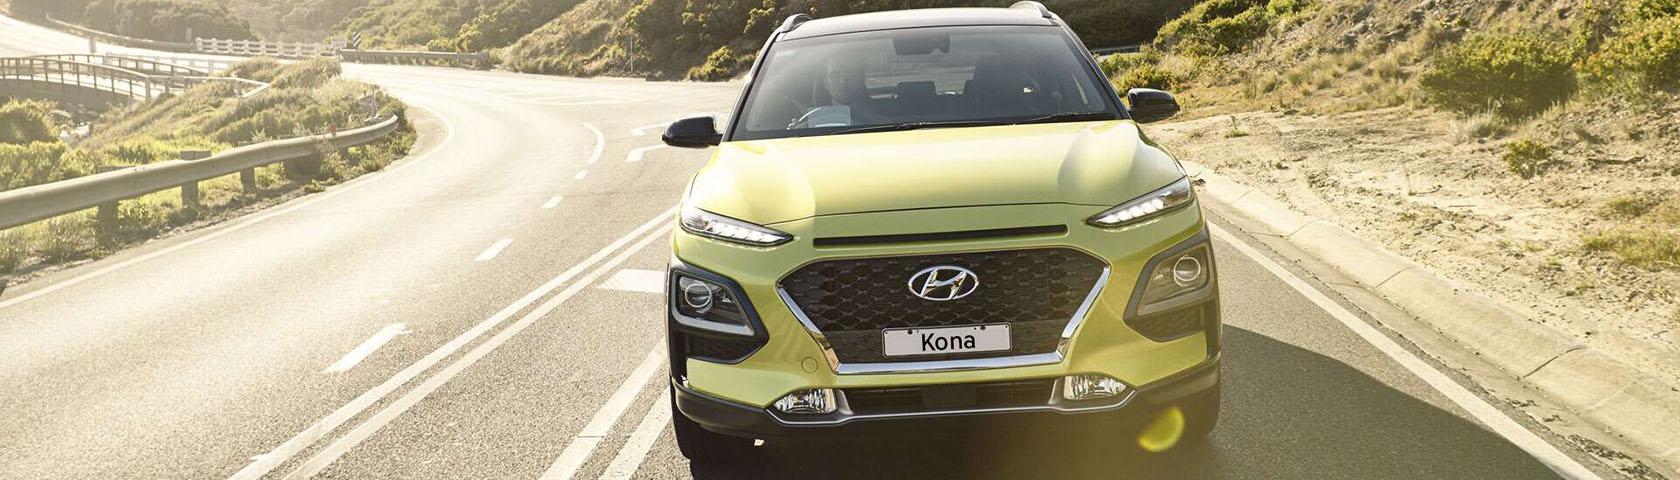 Hyundai-PB-Kona-02